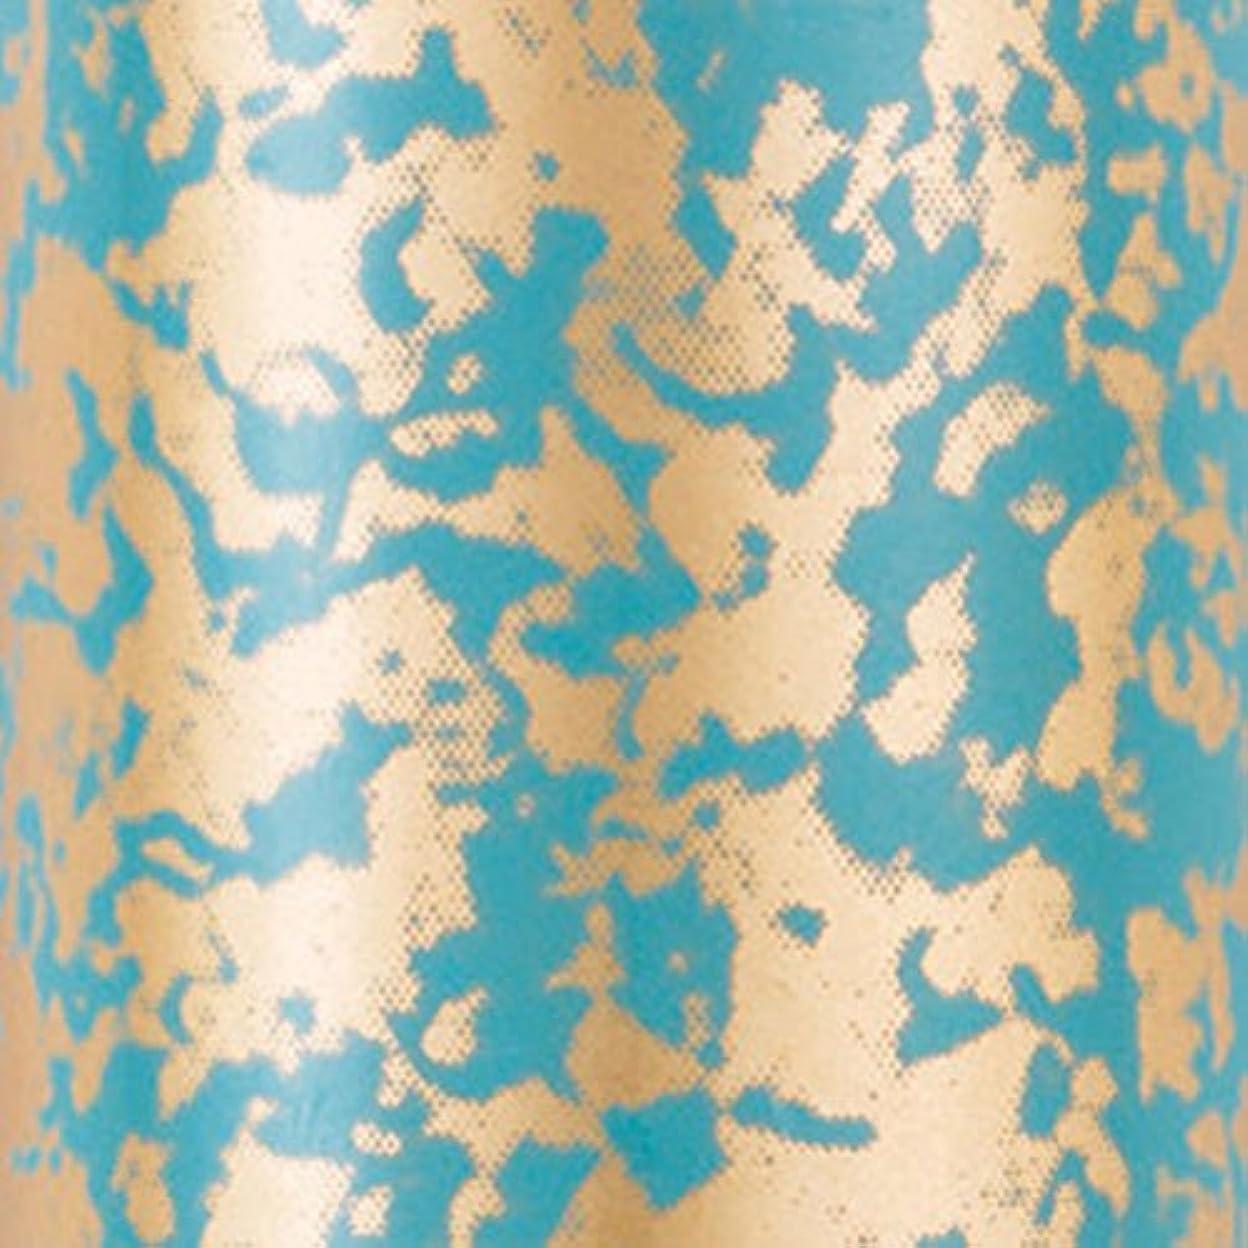 時系列補償リットルBioSculpture ミラーフォイル ジェイド ジェルアート専用のアートツール アート材